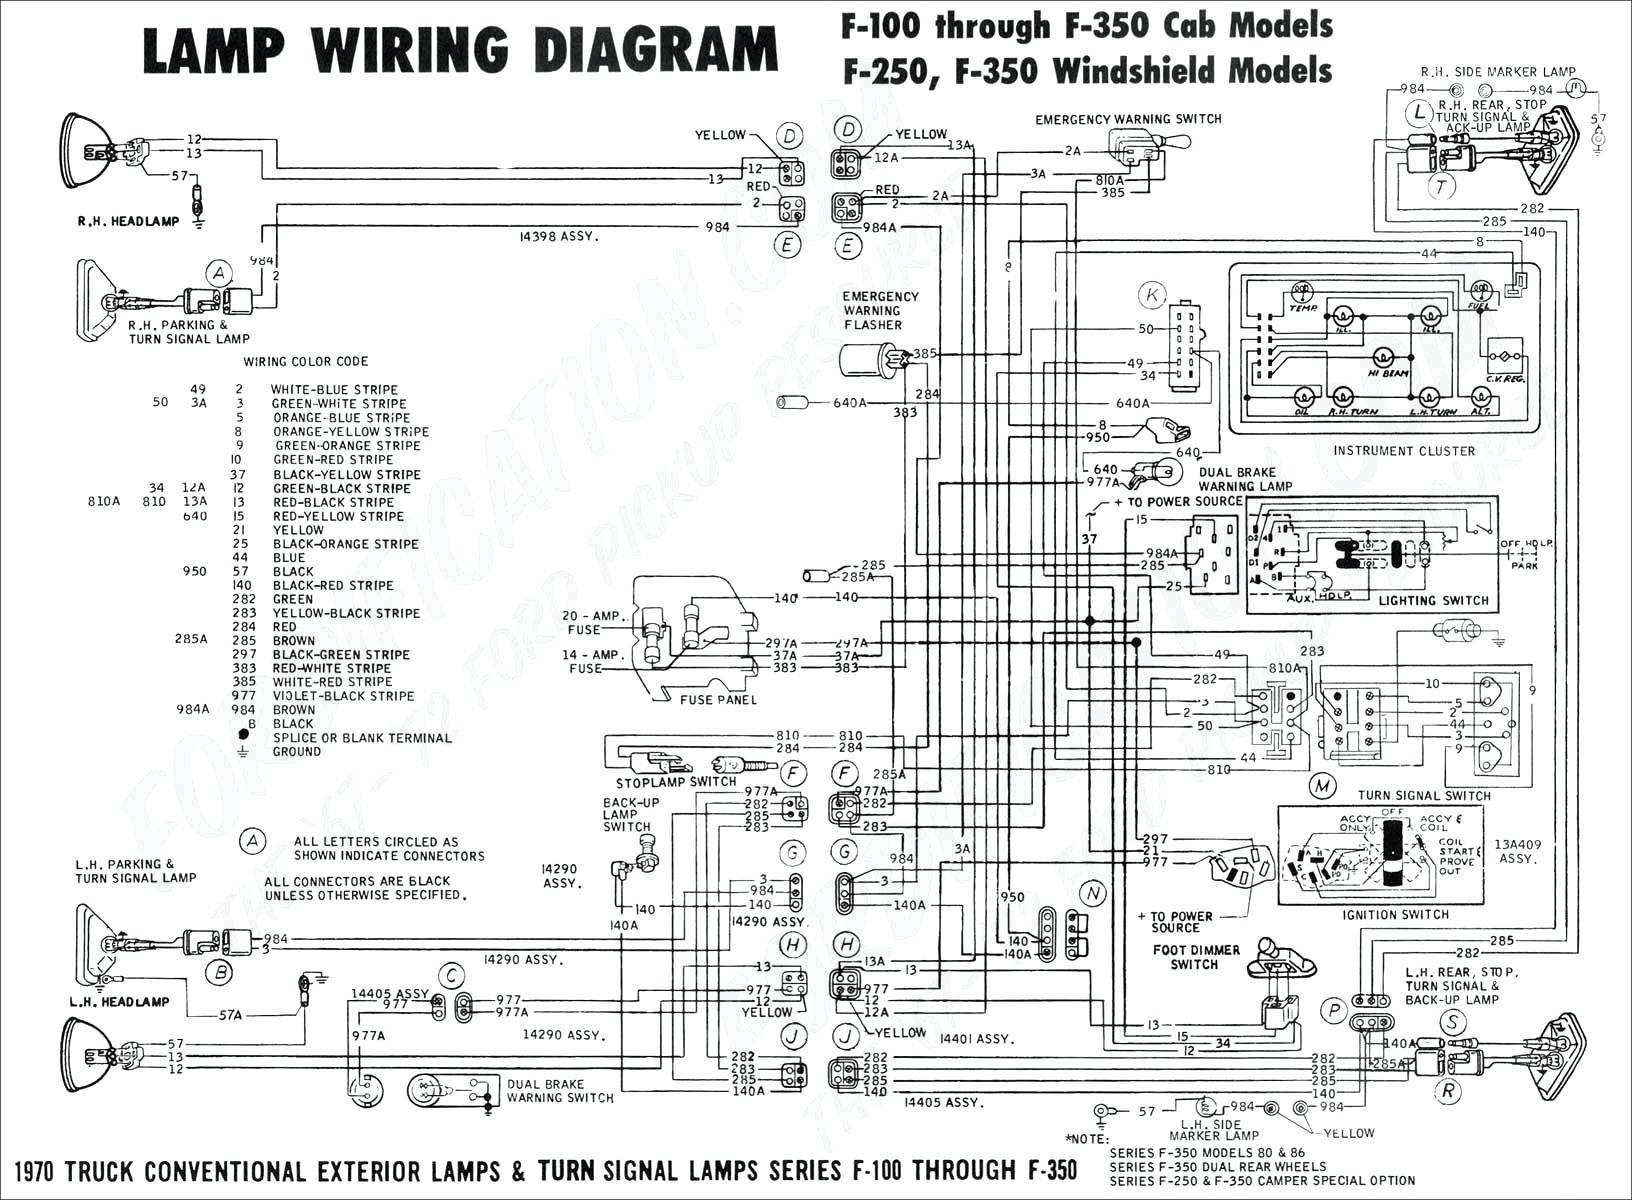 baldor motor wiring wiring diagram week baldor motor wiring diagrams 3 phase 480v 1988 samurai fuse